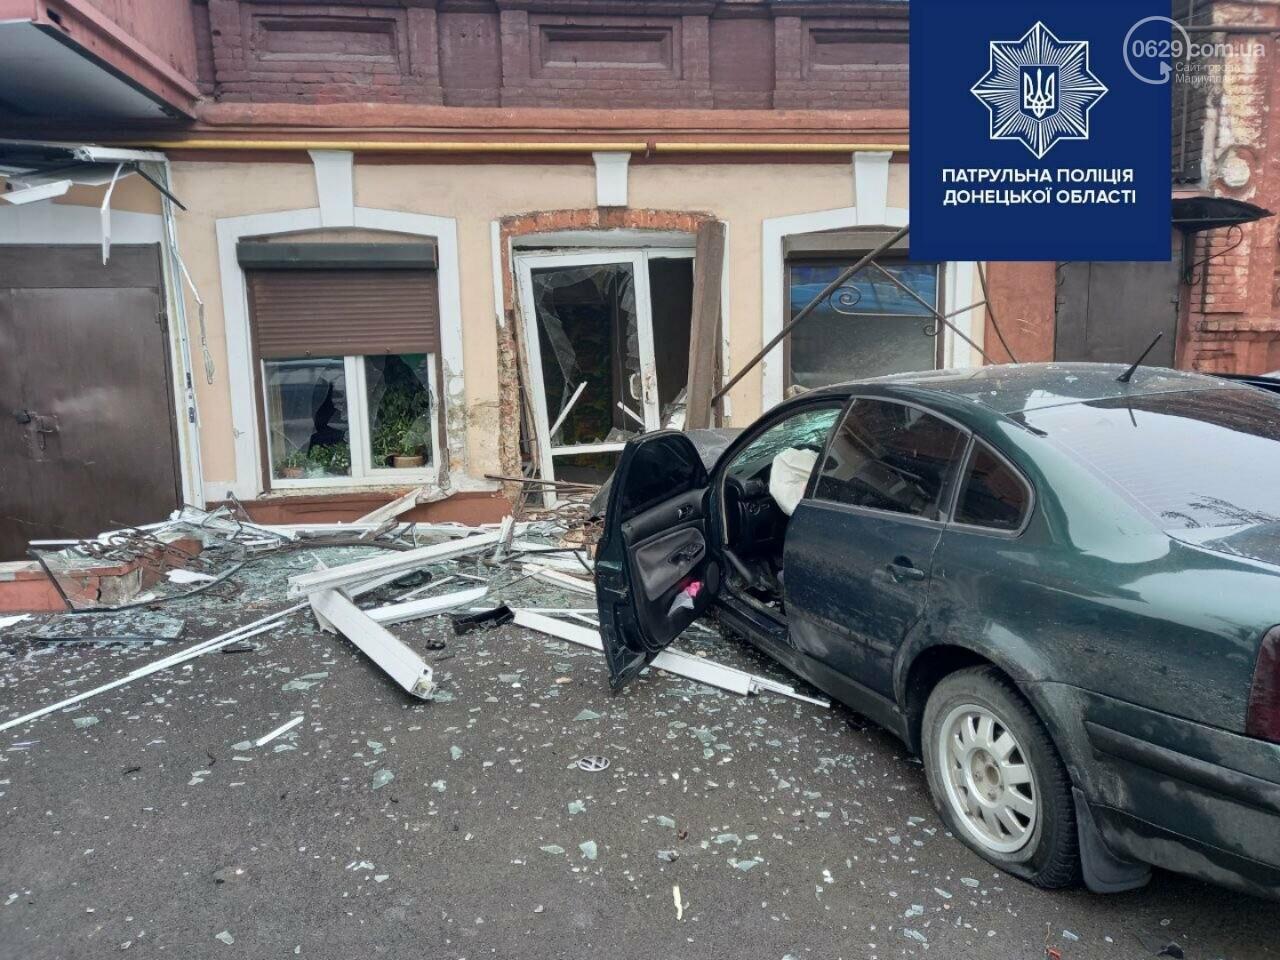 В Мариуполе в аварии на Торговой пострадали сразу три автомобиля,-ФОТО, фото-4